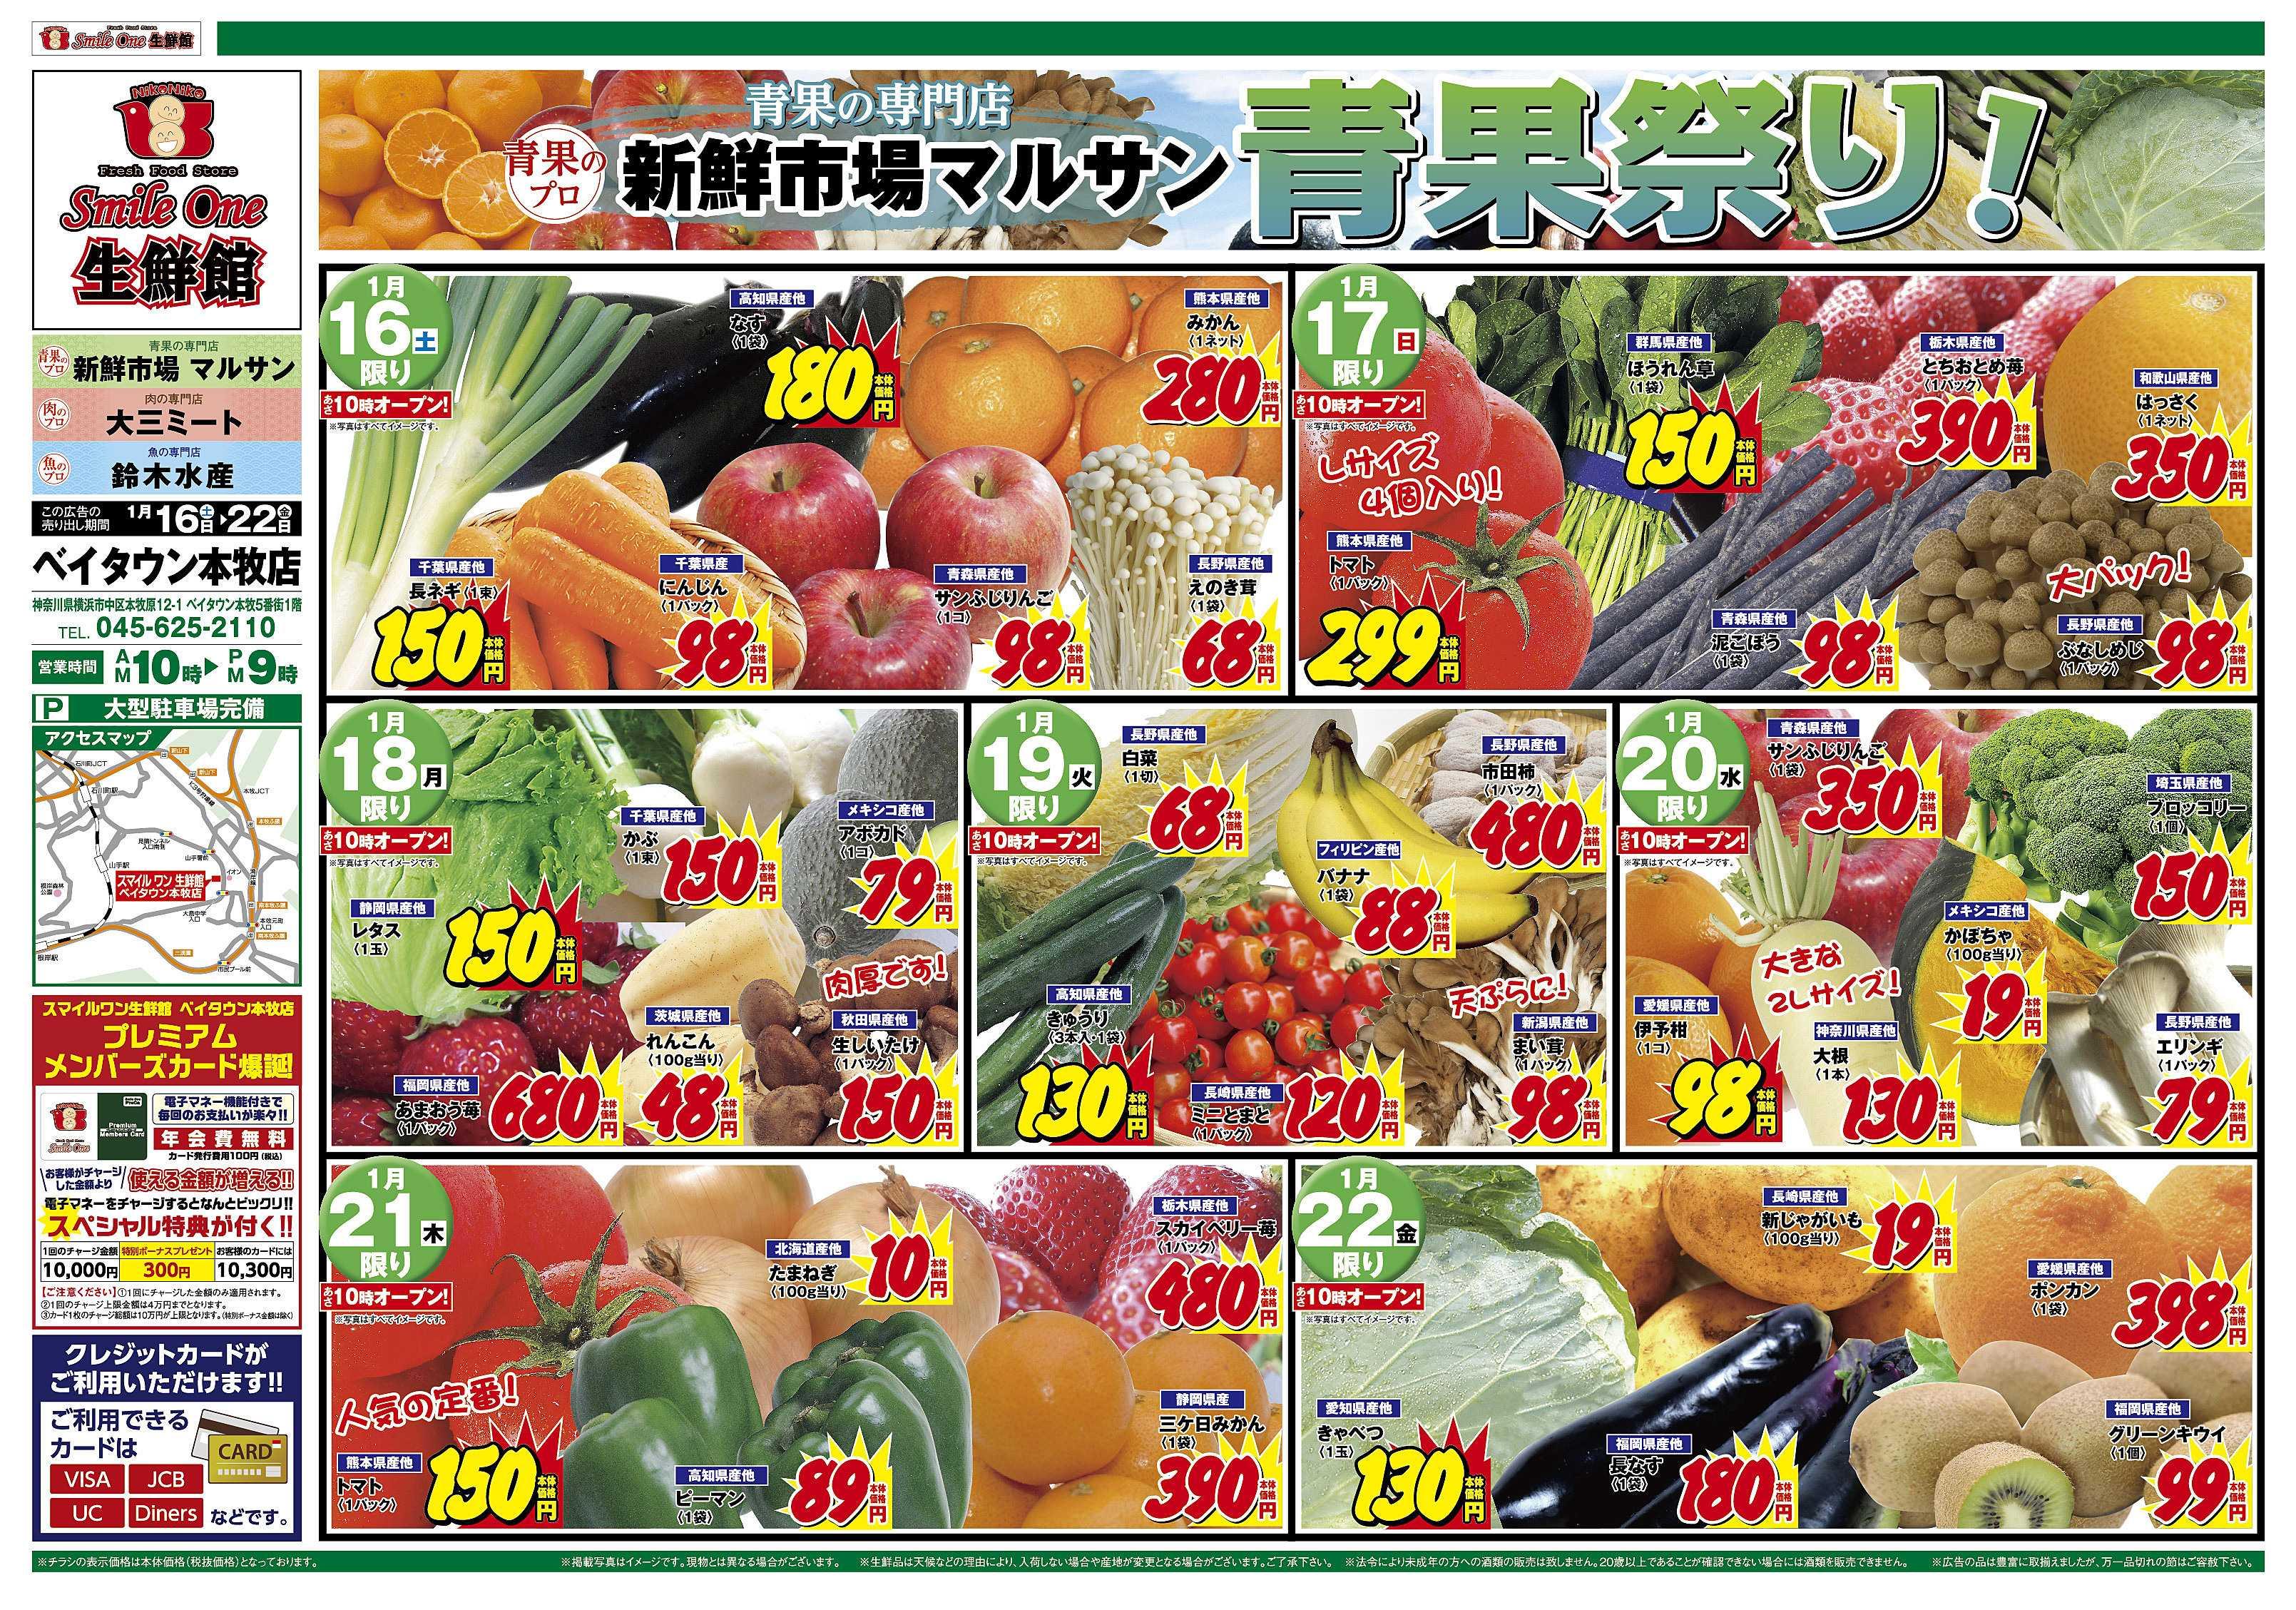 スマイル・ワン生鮮館 青果祭り!